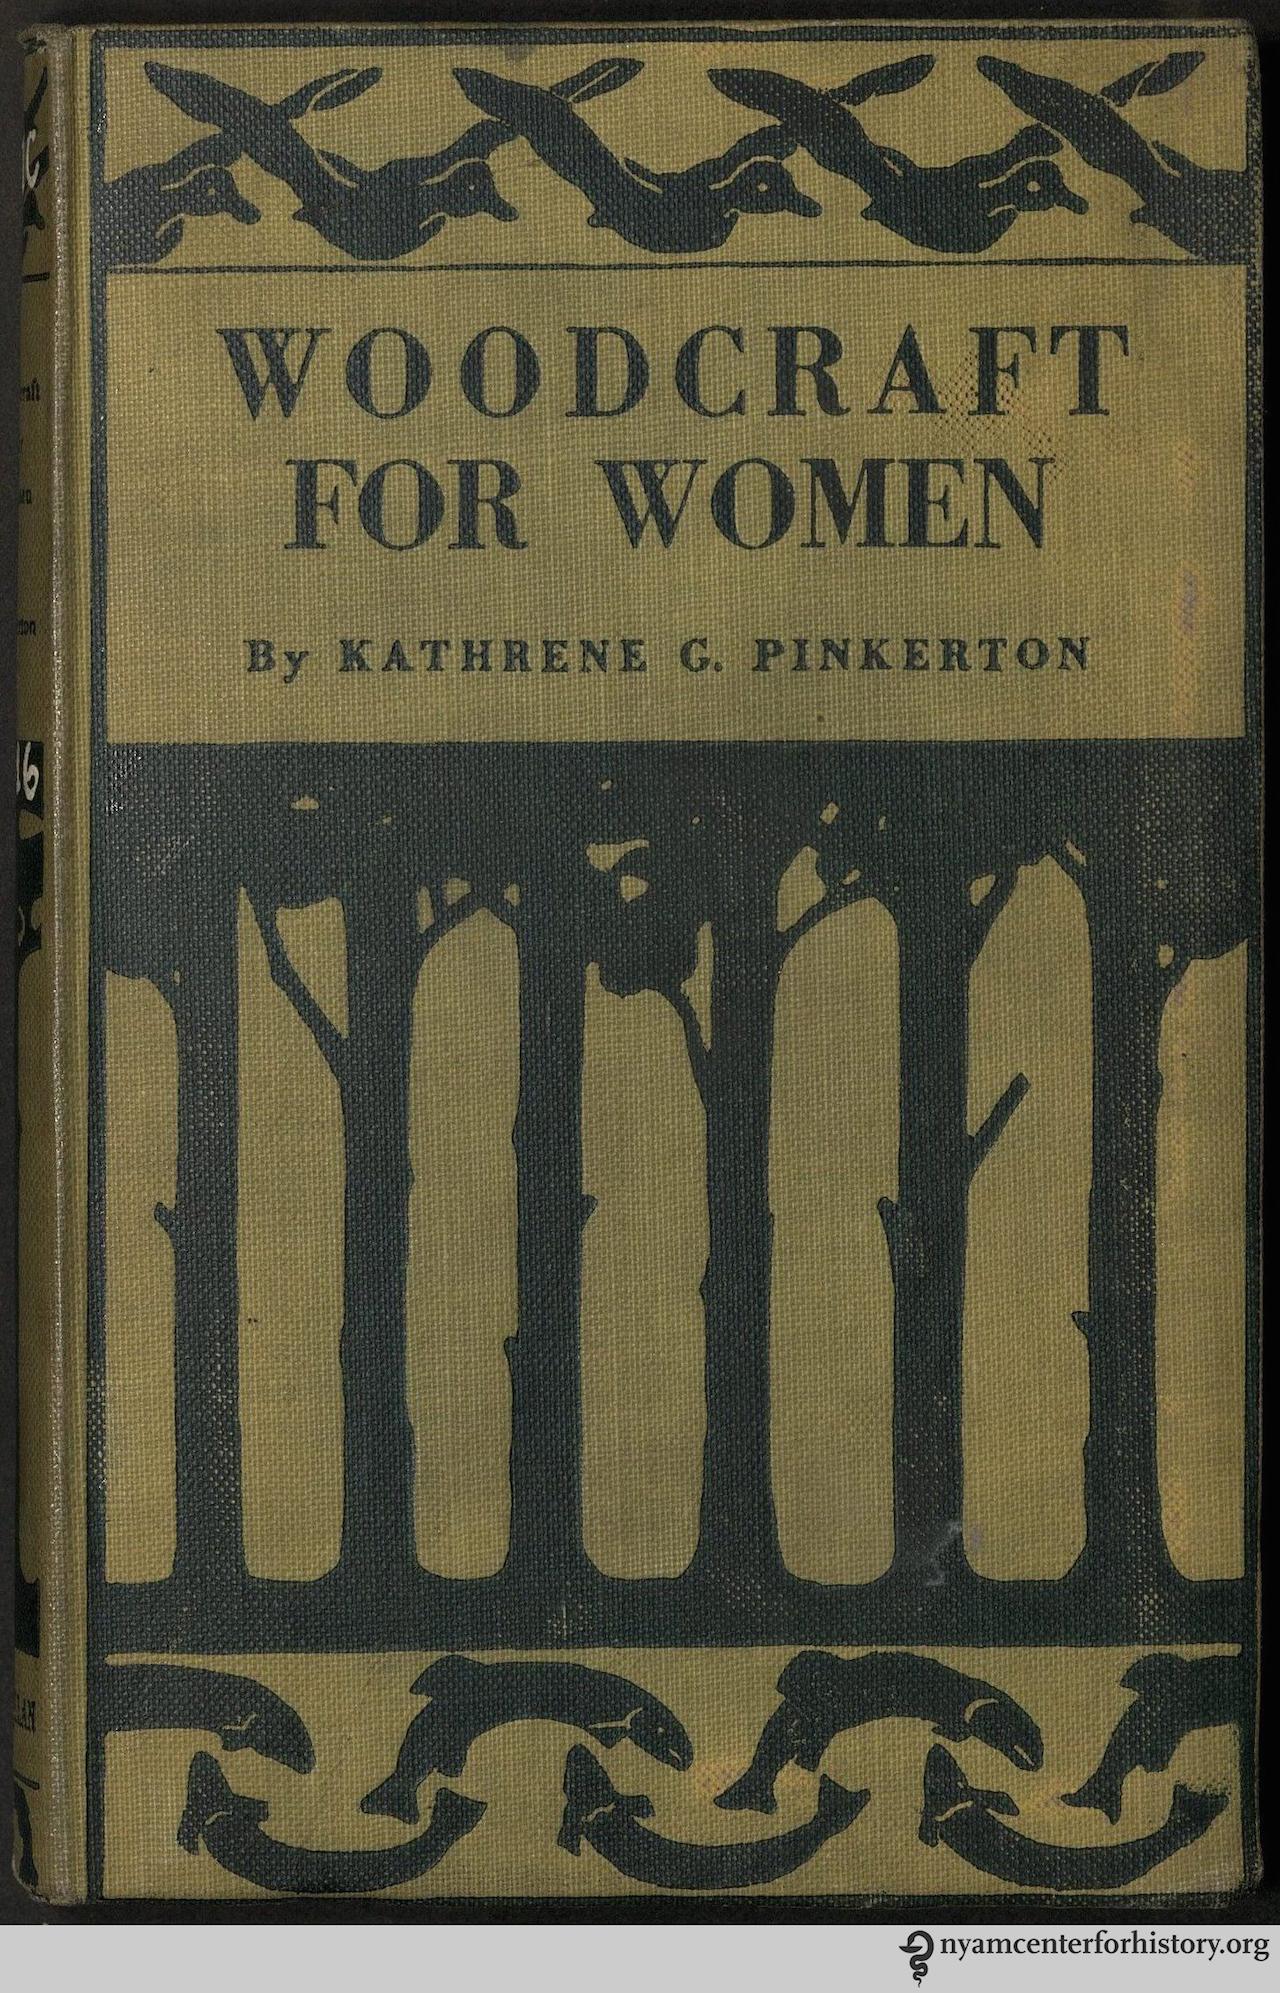 'Woodcraft for Women' by Kathrene Sutherland Gedney Pinkerton (1916)